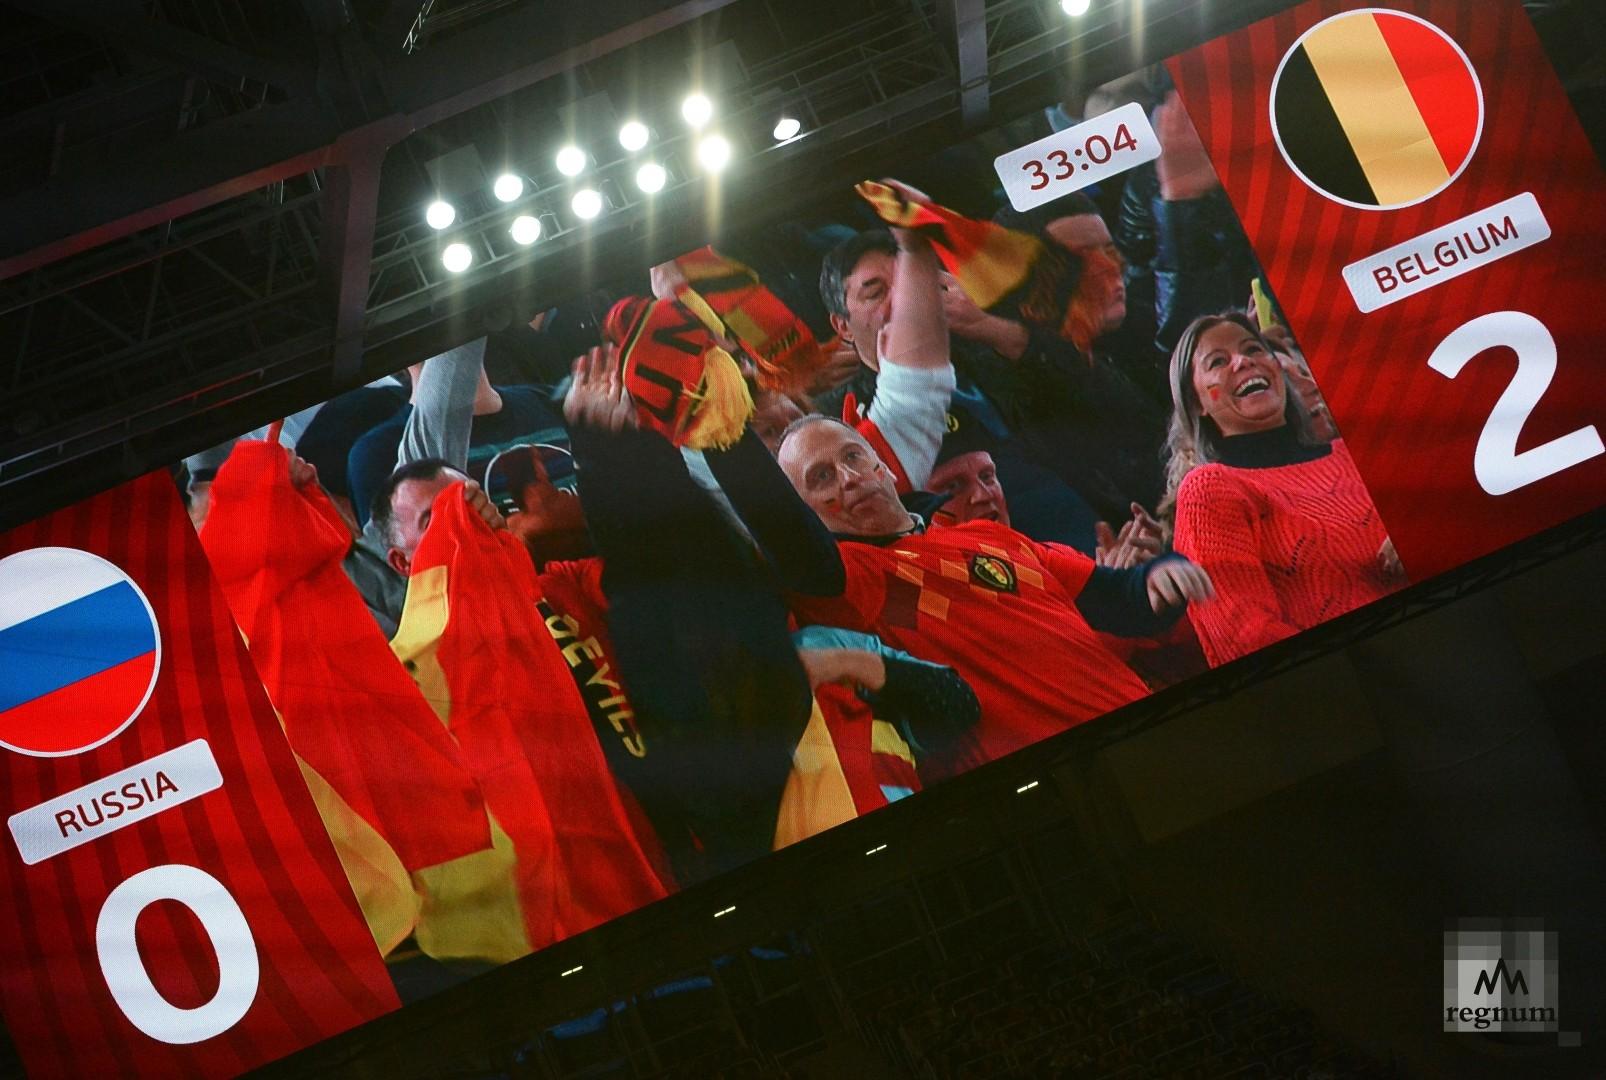 Отборочный матч чемпионата Европы по футболу — 2020 Россия — Бельгия